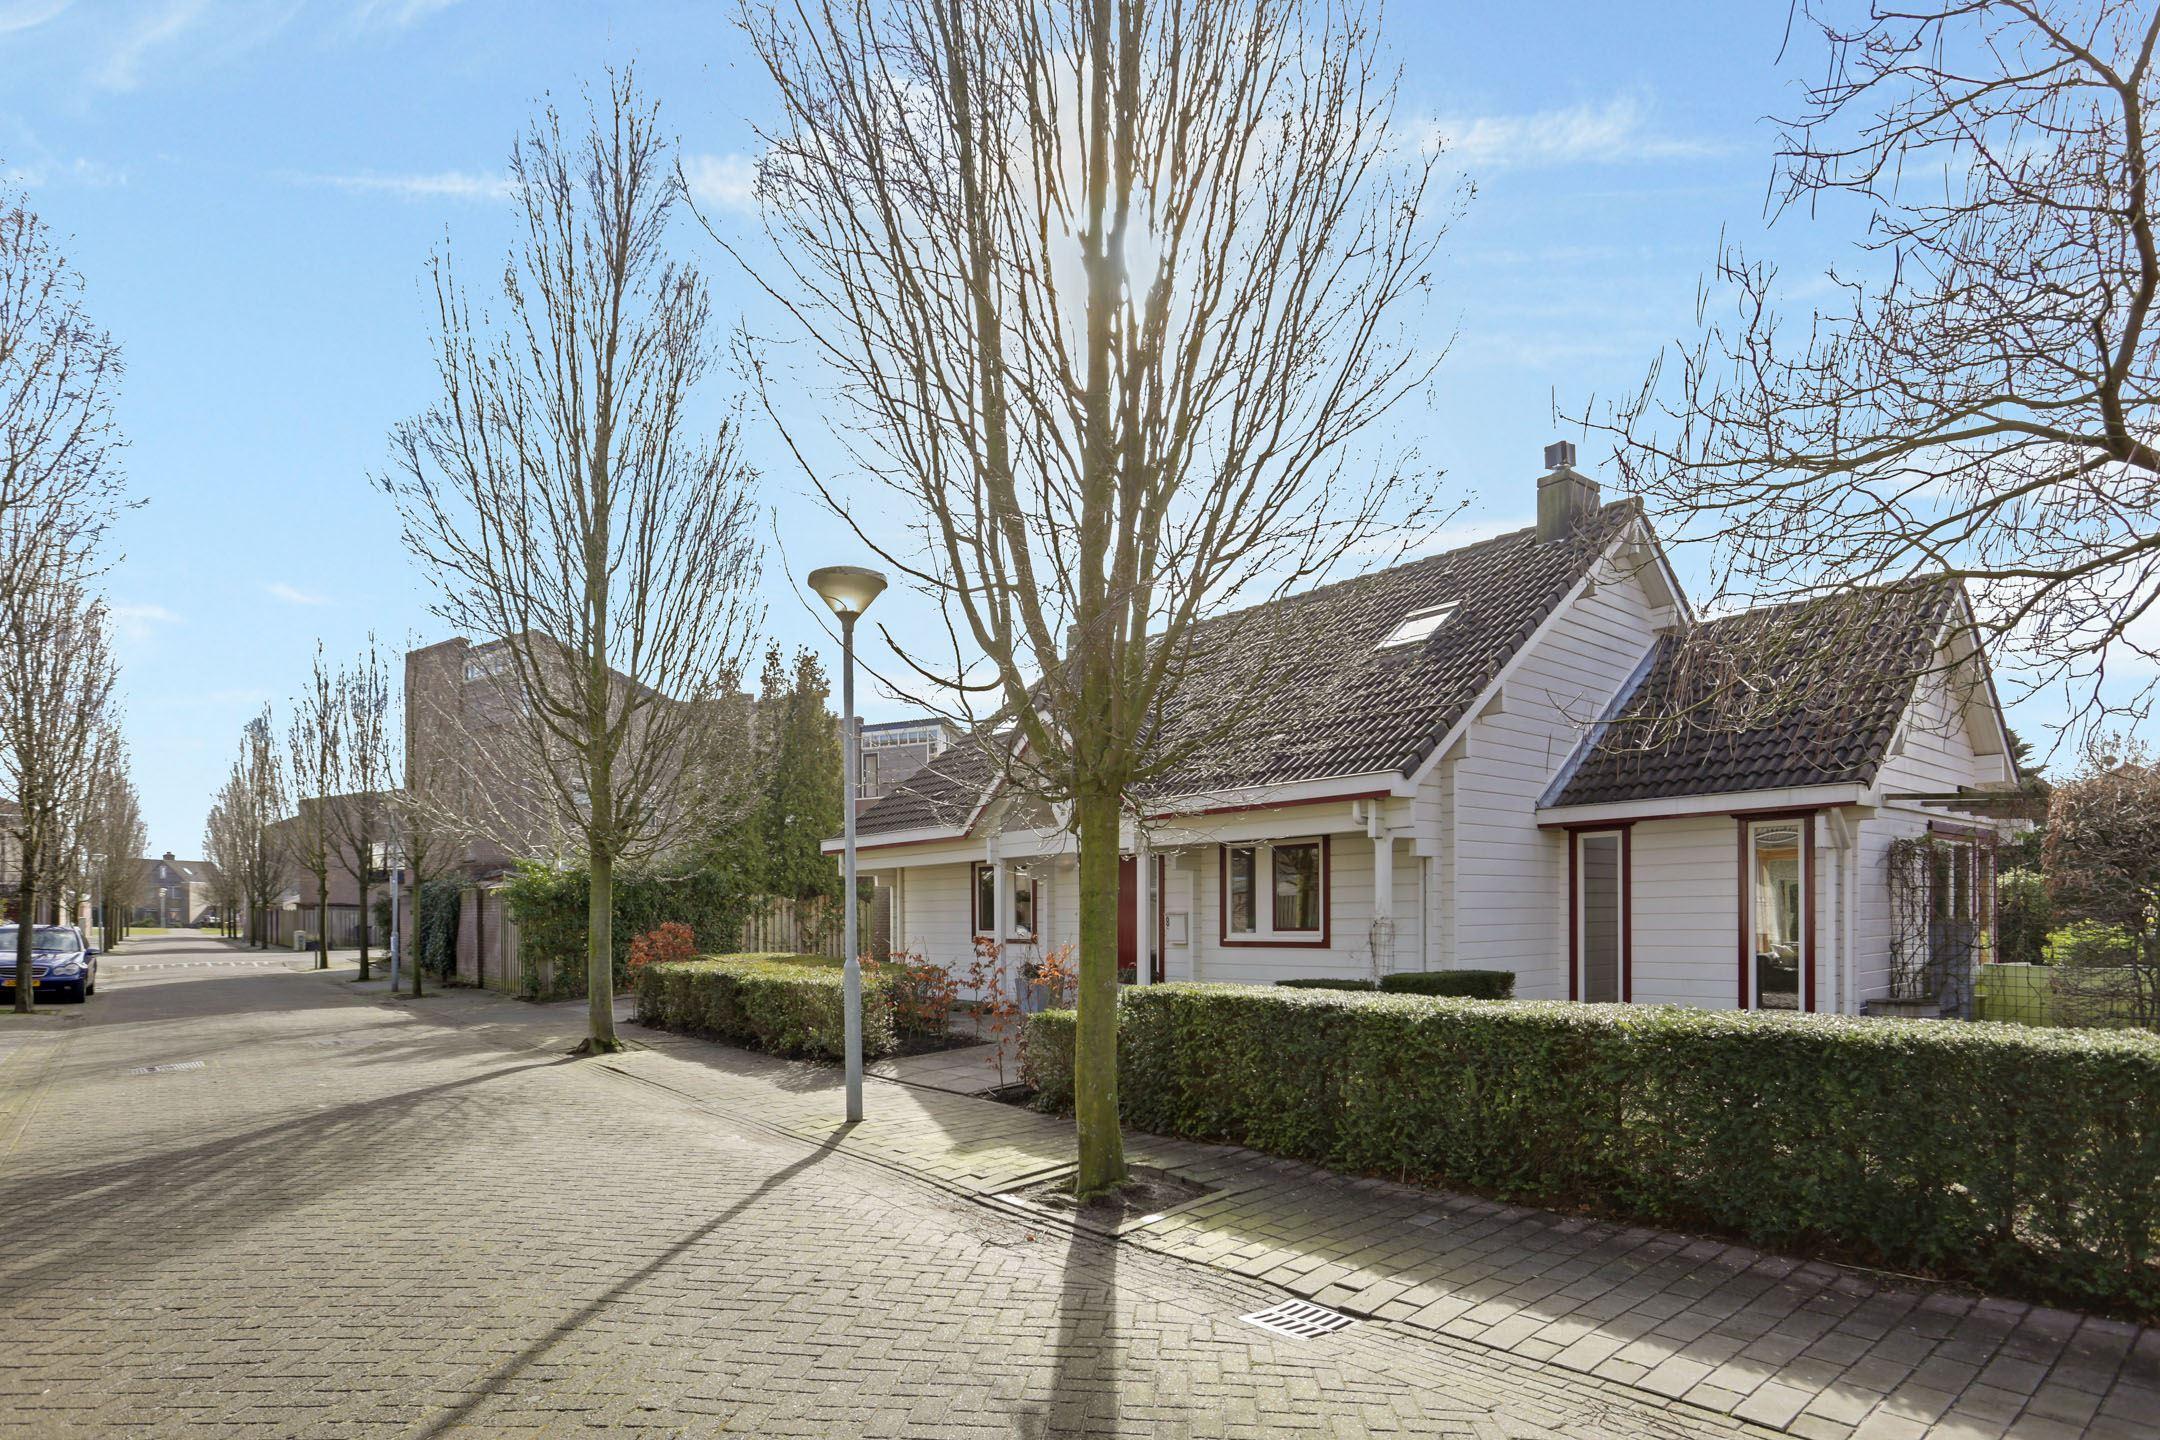 Van de bovenste plank 23 relatieve vochtigheid in huis beeld beste voorbeelden afbeeldingen - Beeld van eigentijds huis ...